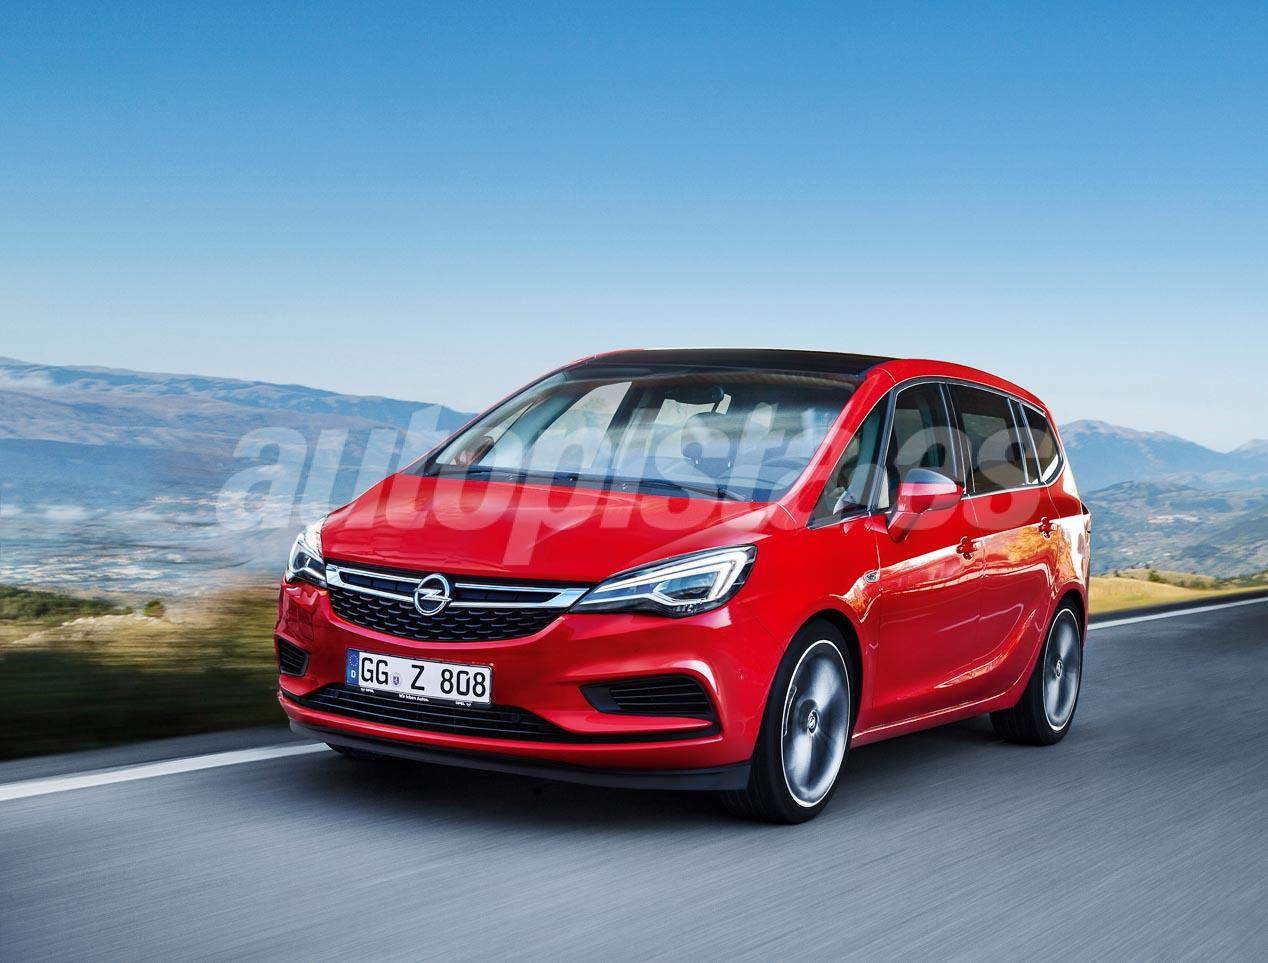 Opel Zafira Suv 2018 >> Futuros modelos Opel: SUV y berlinas | Autopista.es